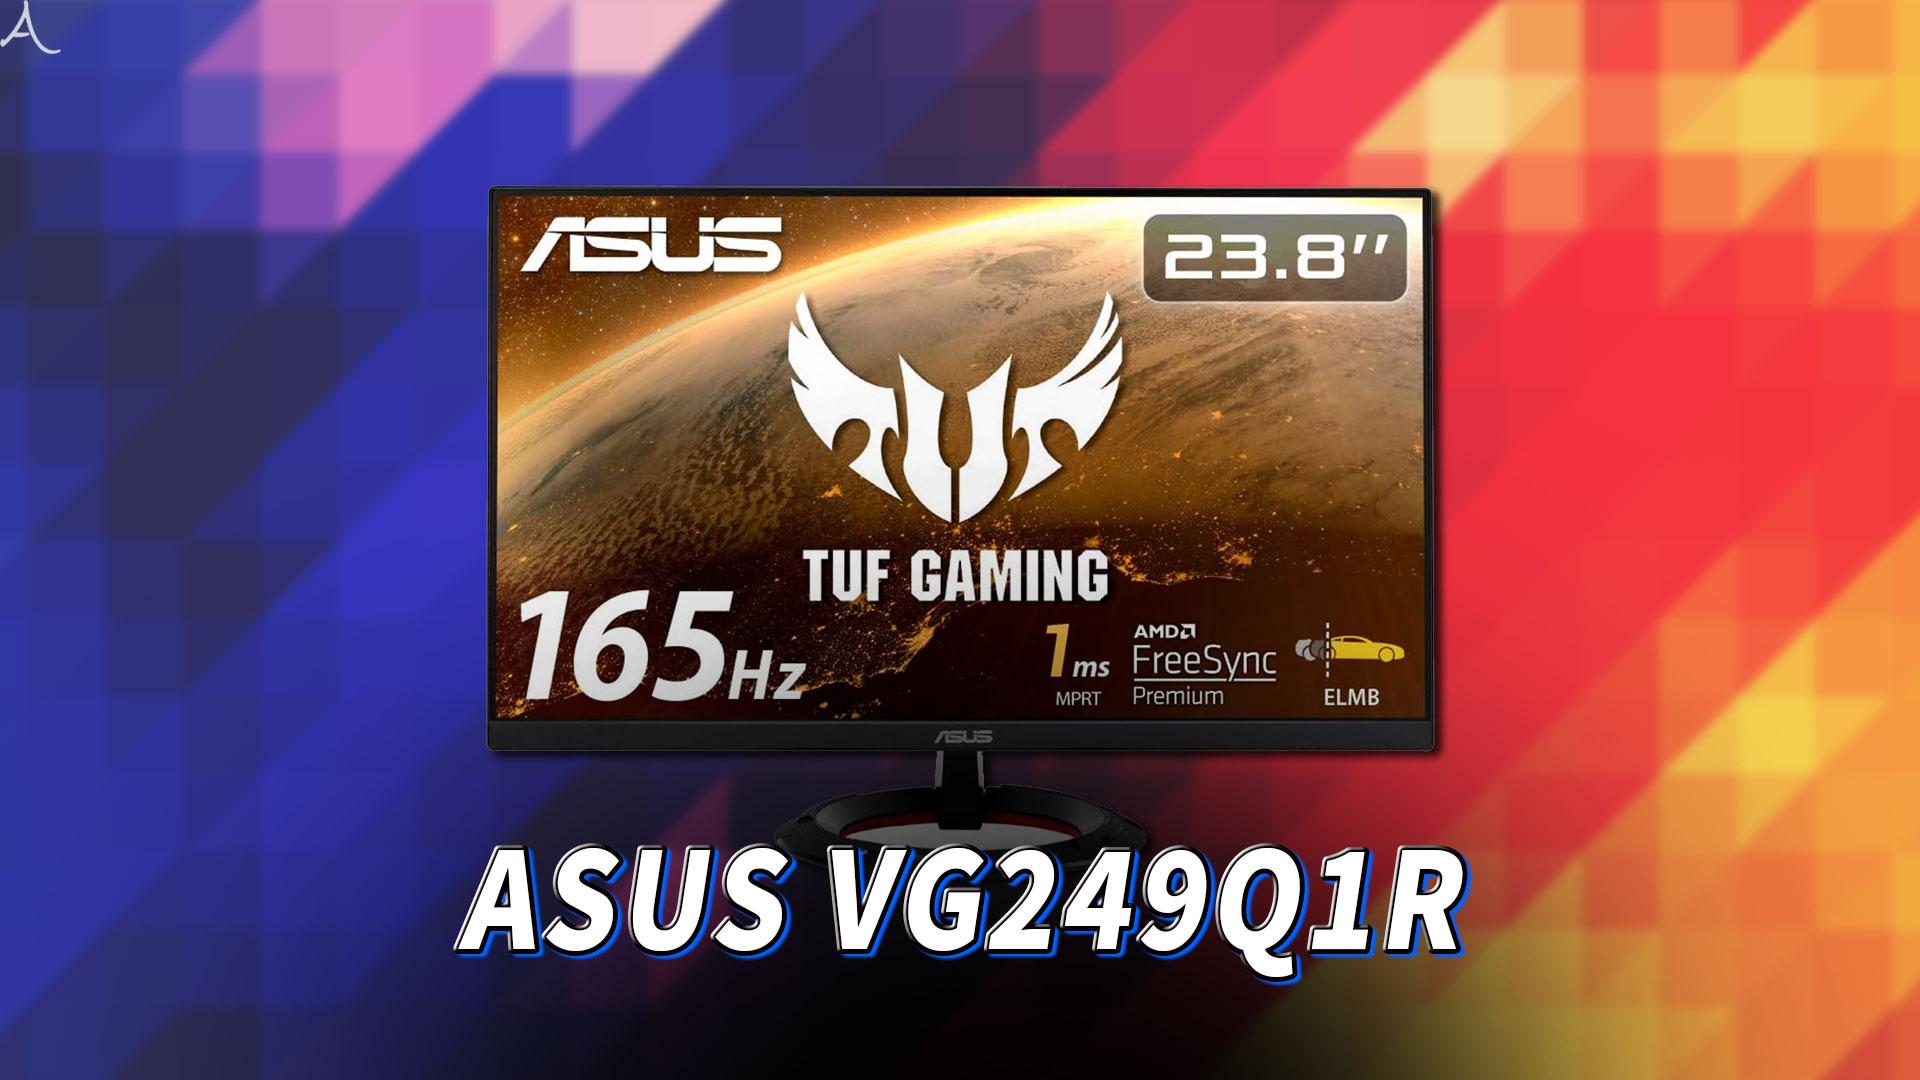 「ASUS TUF Gaming VG249Q1R」ってモニターアーム使える?VESAサイズやおすすめアームはどれ?